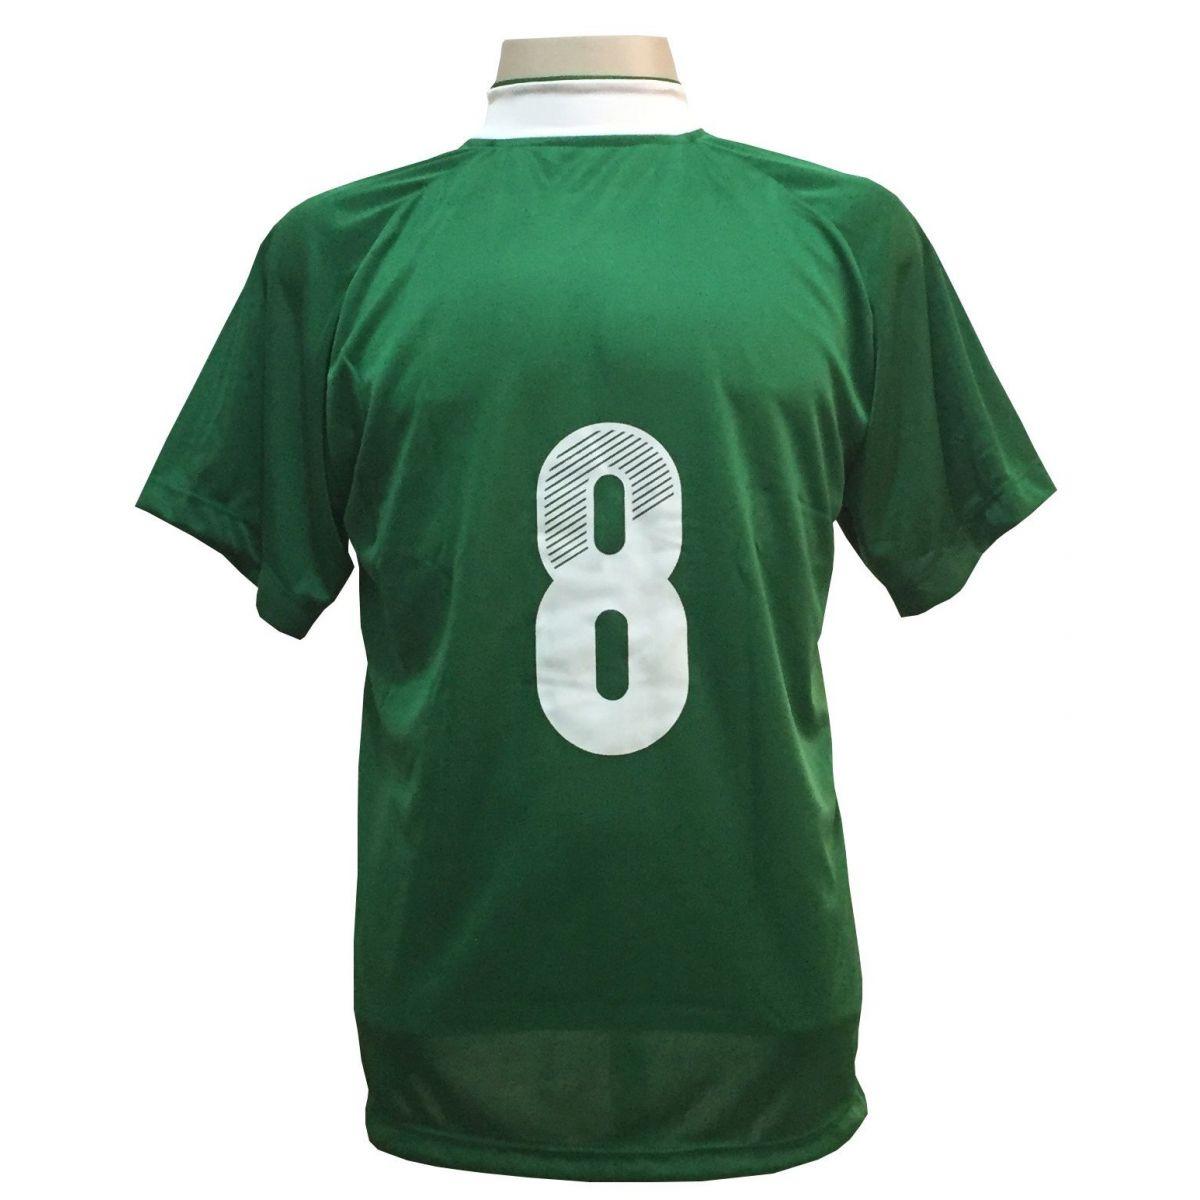 Jogo de Camisa com 20 unidades modelo Milan Verde/Branco